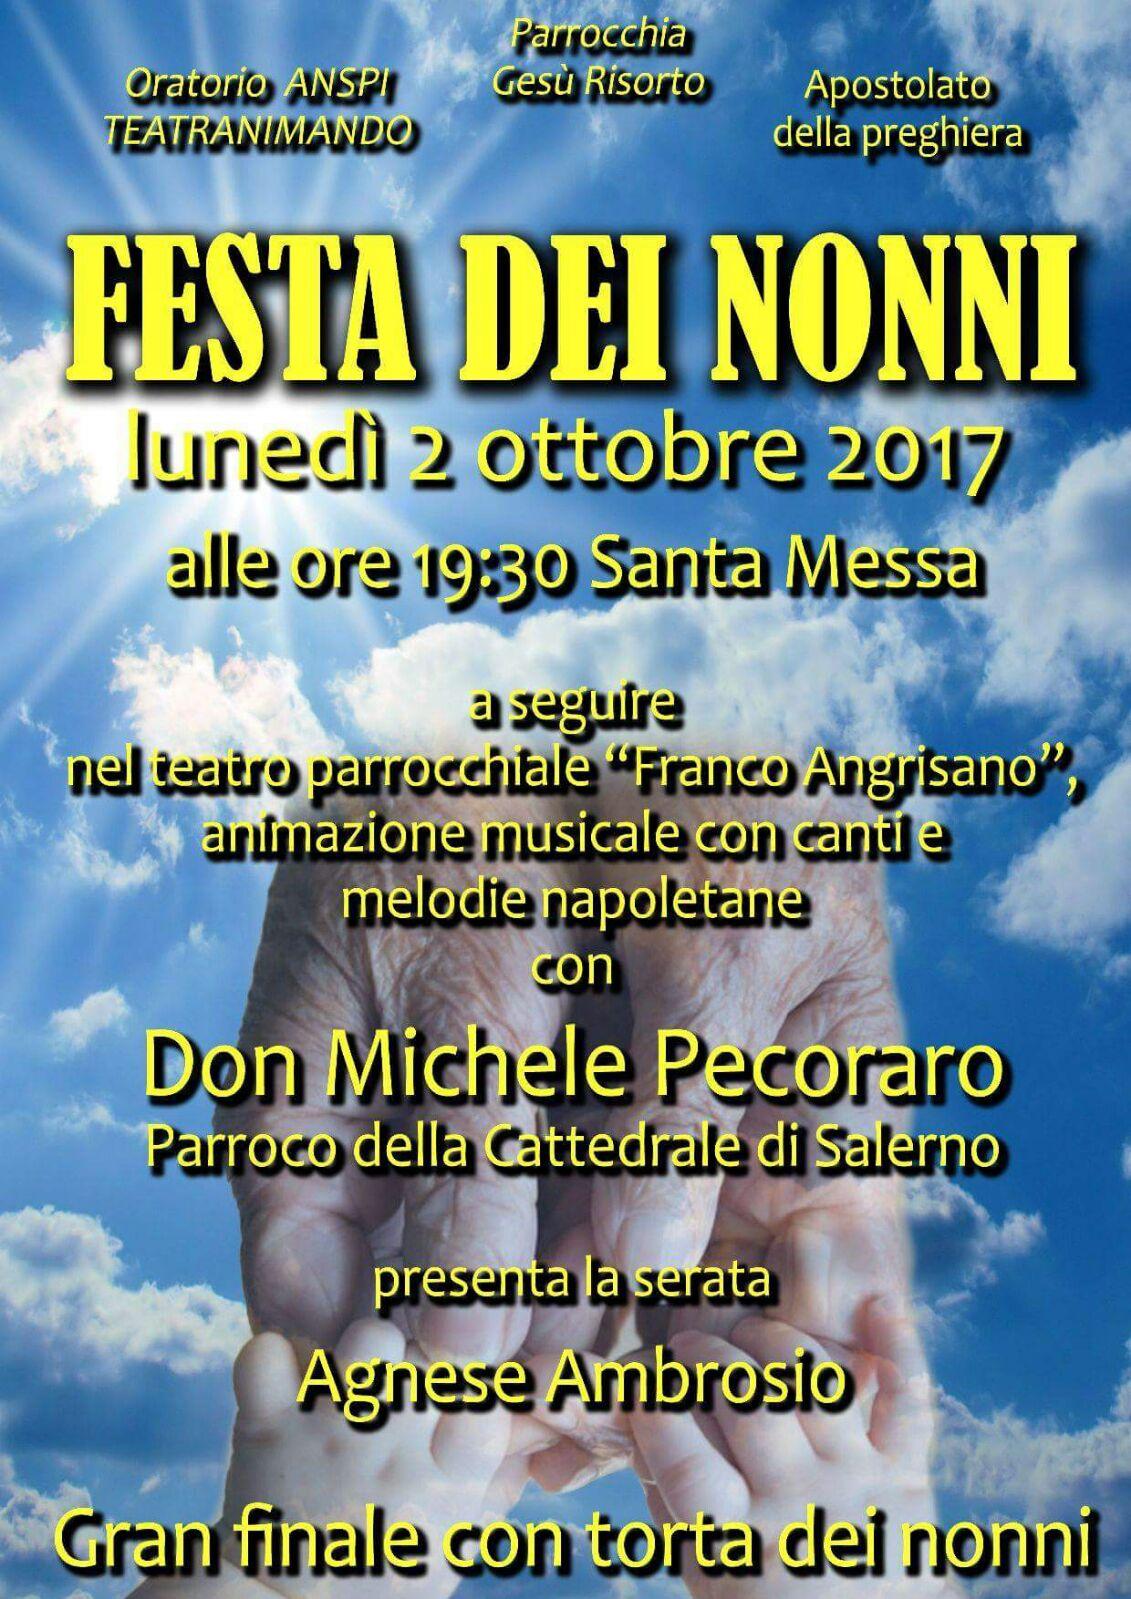 Calendario Festa Dei Nonni.2 Ottobre Festa Dei Nonni Parrocchia Di Gesu Risorto